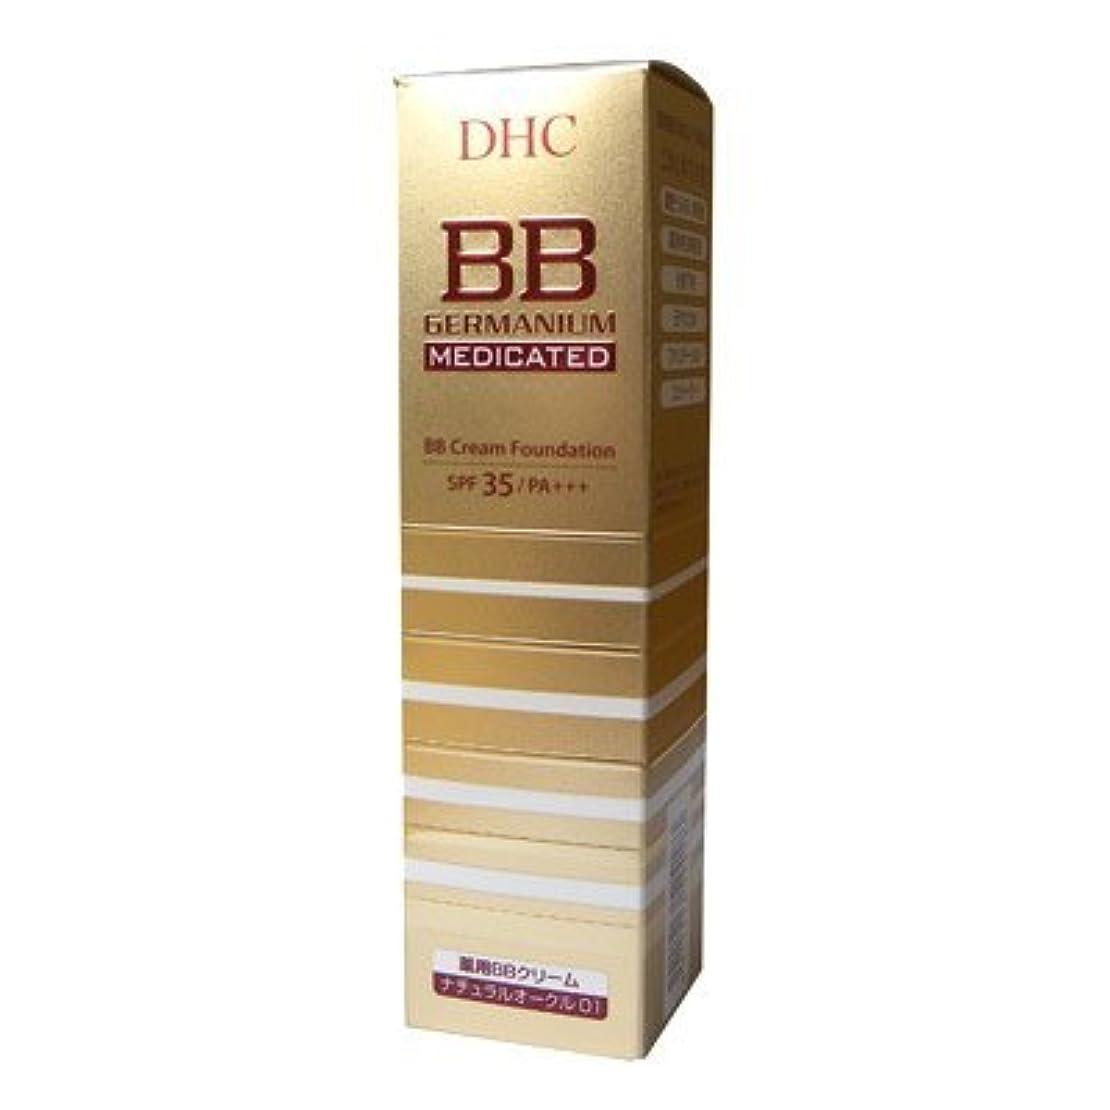 取り扱いブローサスペンションDHC 薬用 BBクリーム GE 01ナチュラルオークル 40g 医薬部外品